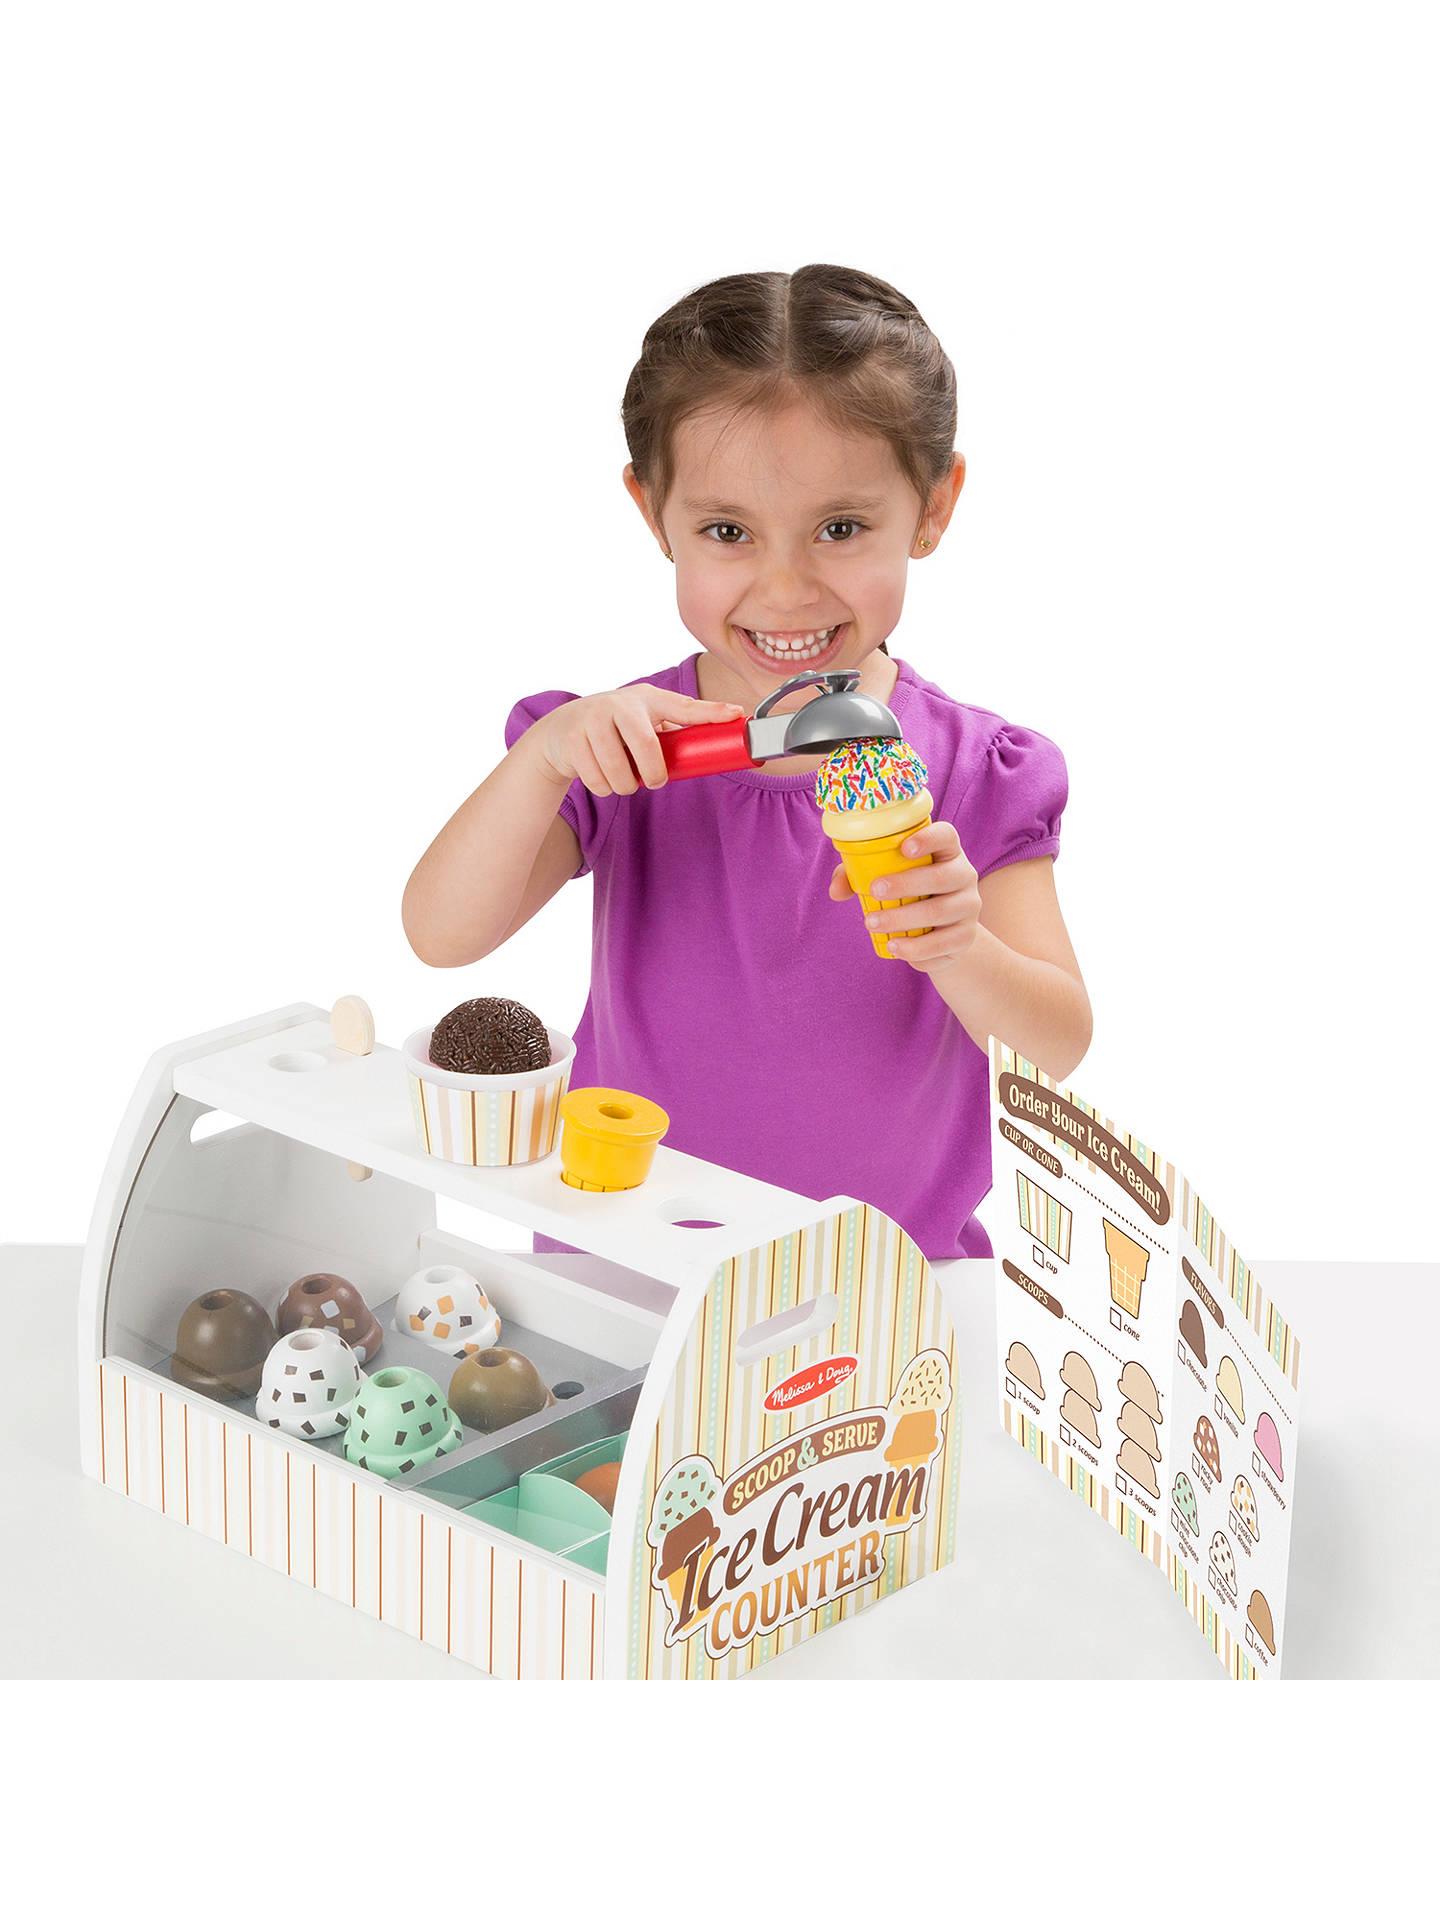 Melissa Doug Scoop And Serve Ice Cream Counter